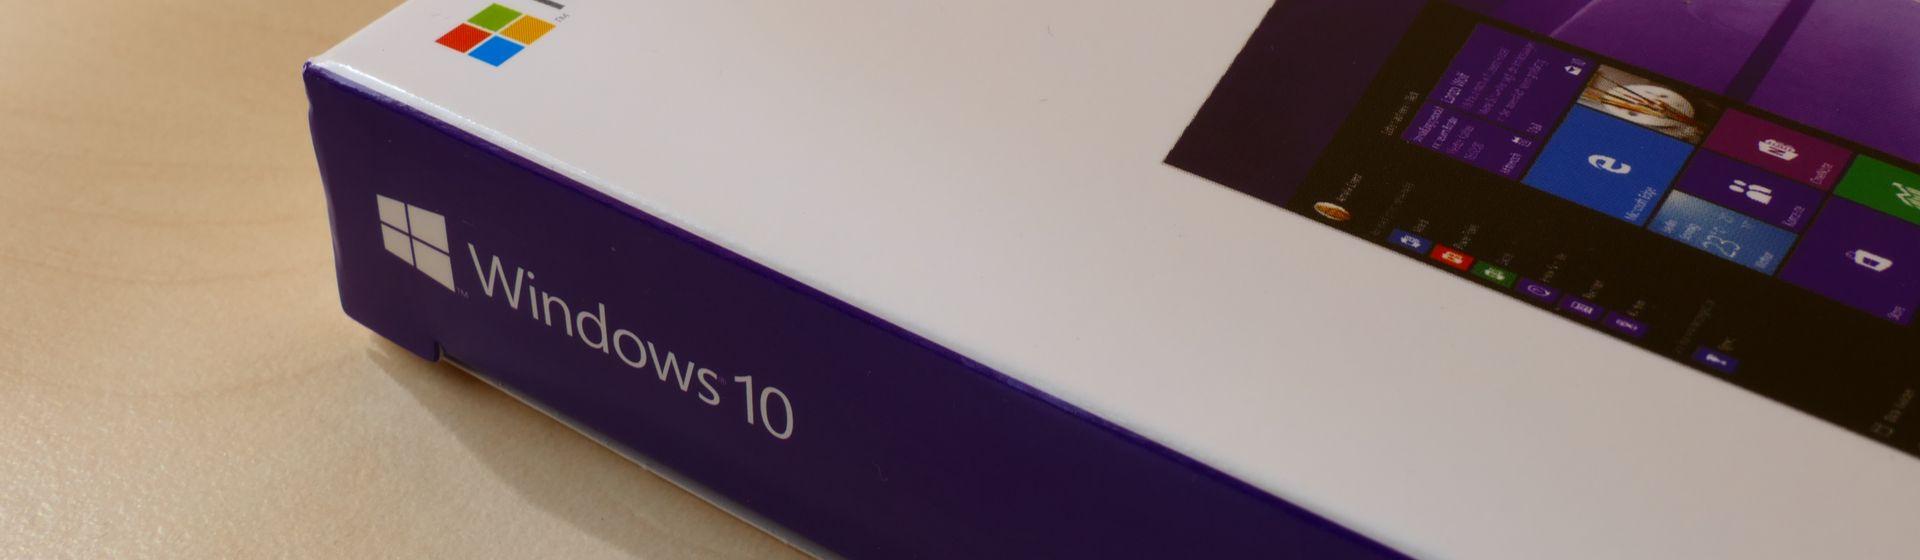 Como ativar o Windows 10? Tutorial simples